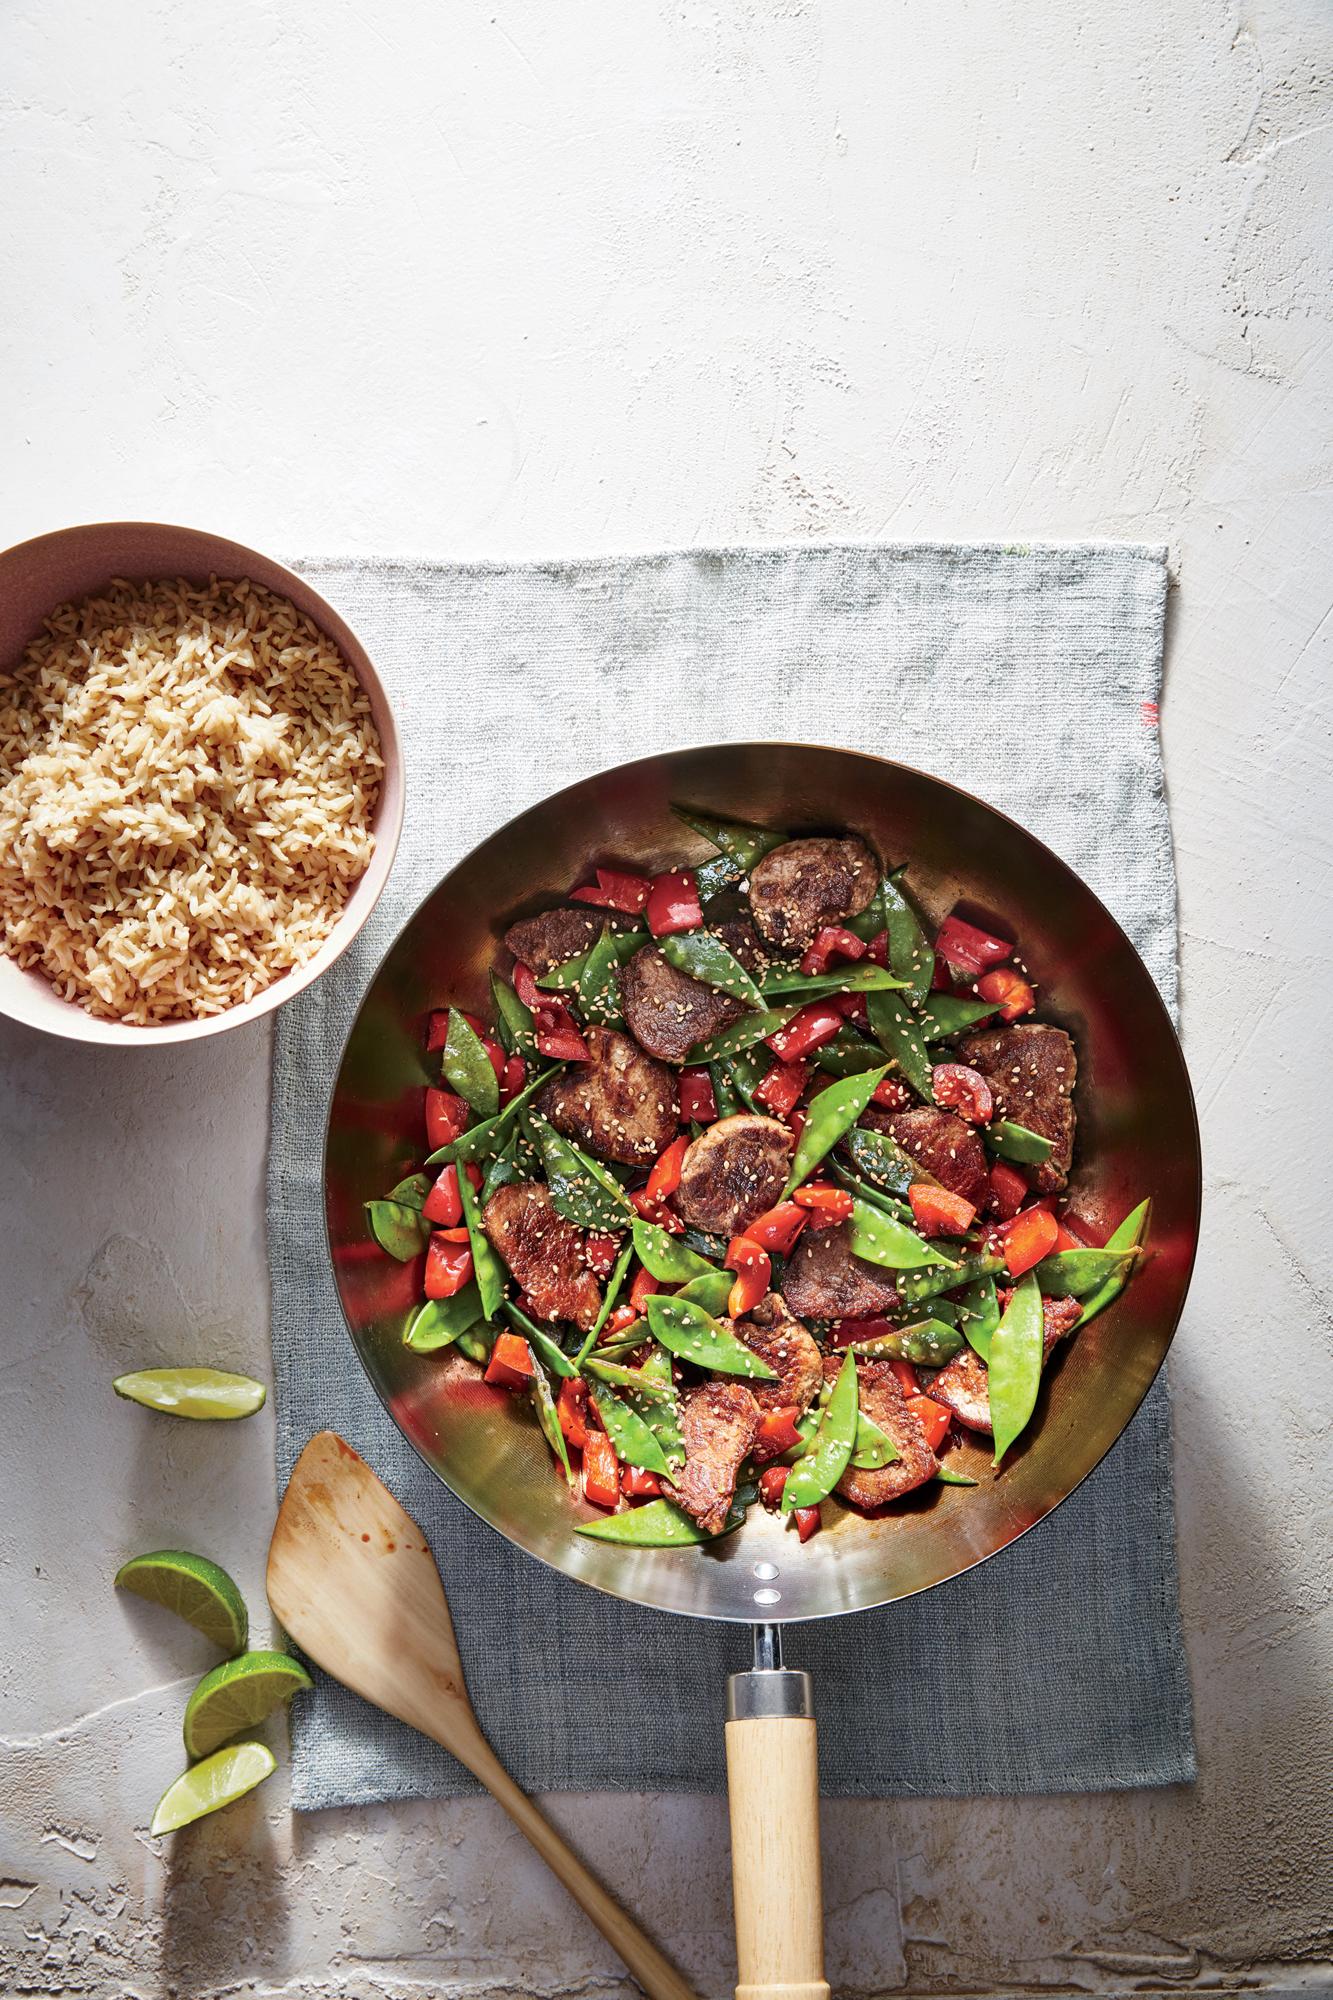 Pork Stir-Fry with Snow Peas